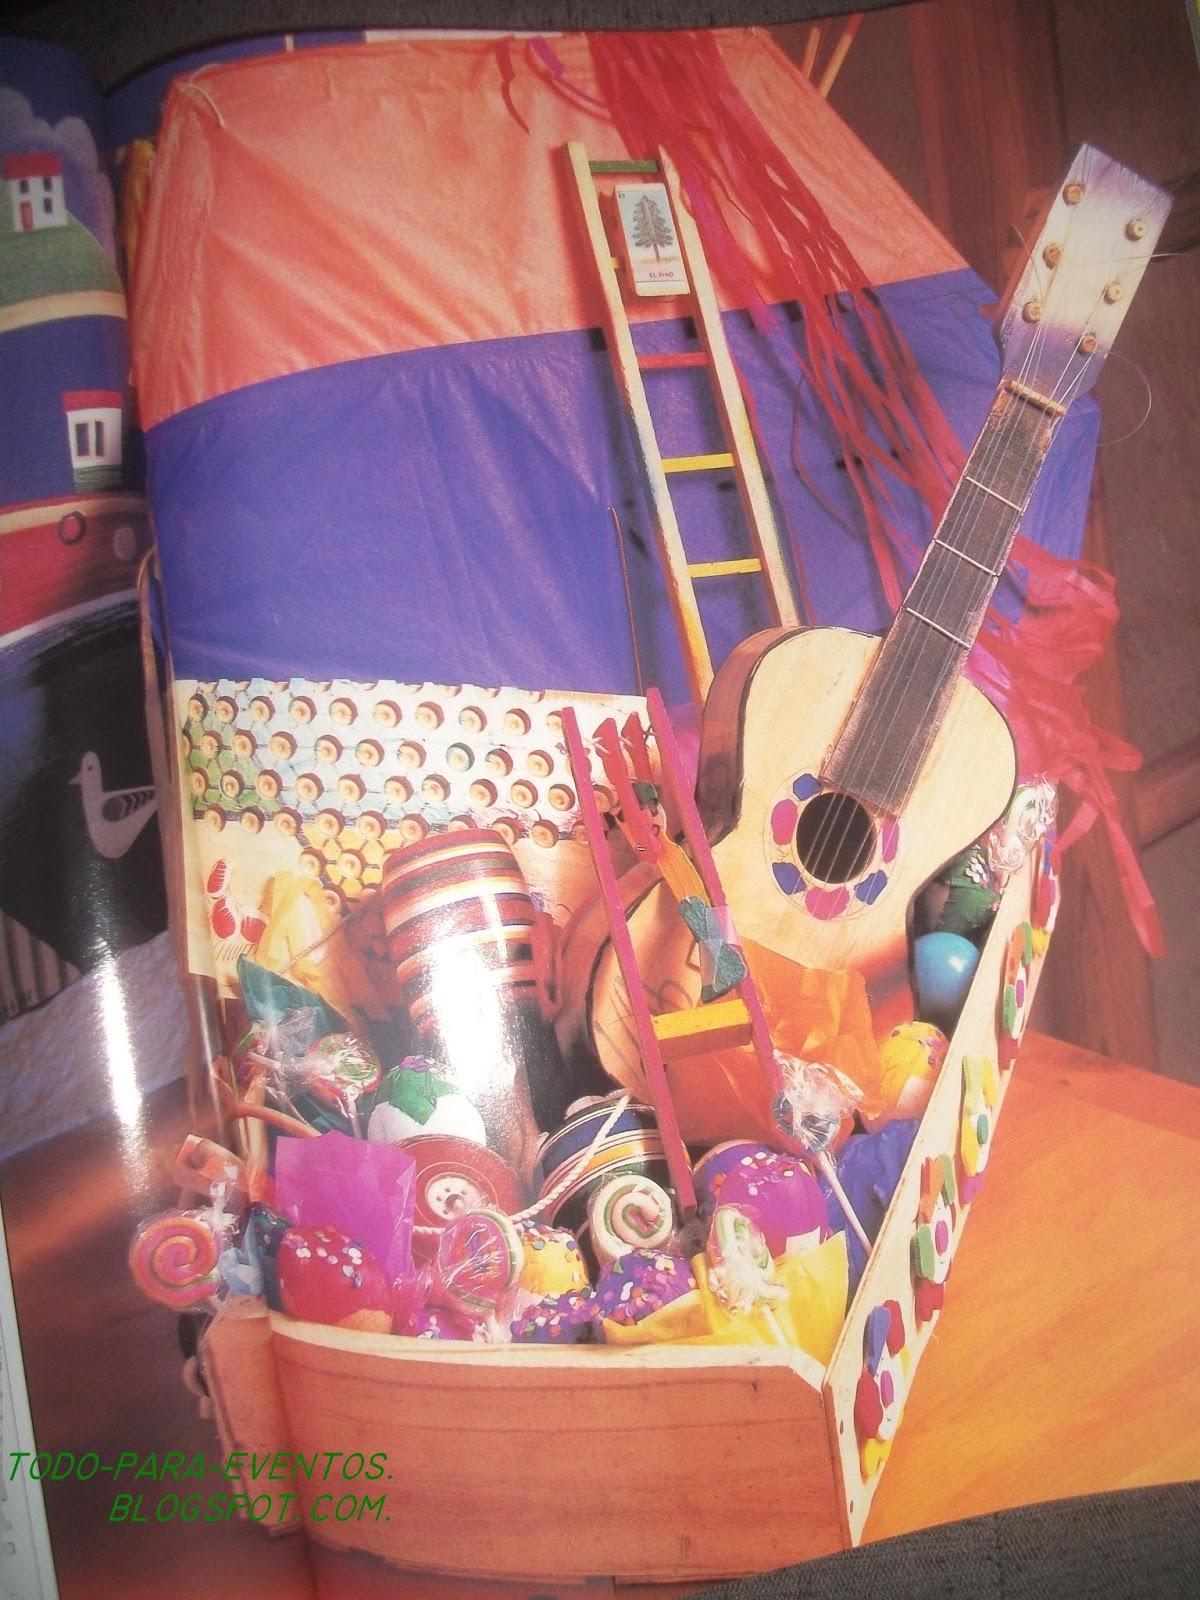 Todo para eventos arreglo con juguetes de madera - Jugueteros de madera ...